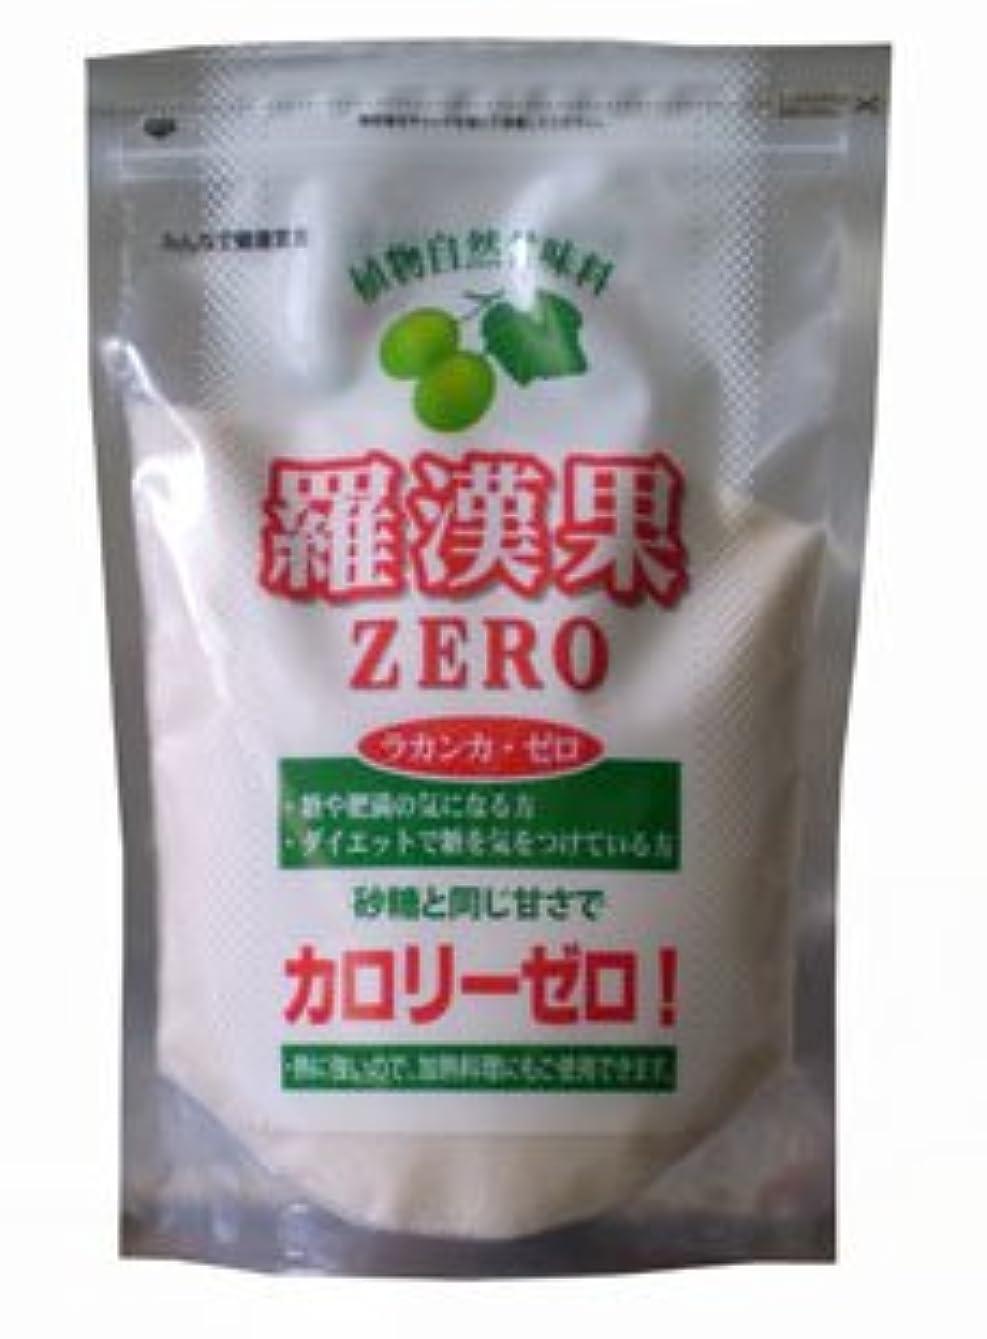 政令ショップダウンタウンカロリーが限りなくゼロに近い甘味料! 沖縄県産 羅漢果ゼロ 1000g(1袋) ダイエット中の方、糖尿が気になる方にお勧め!